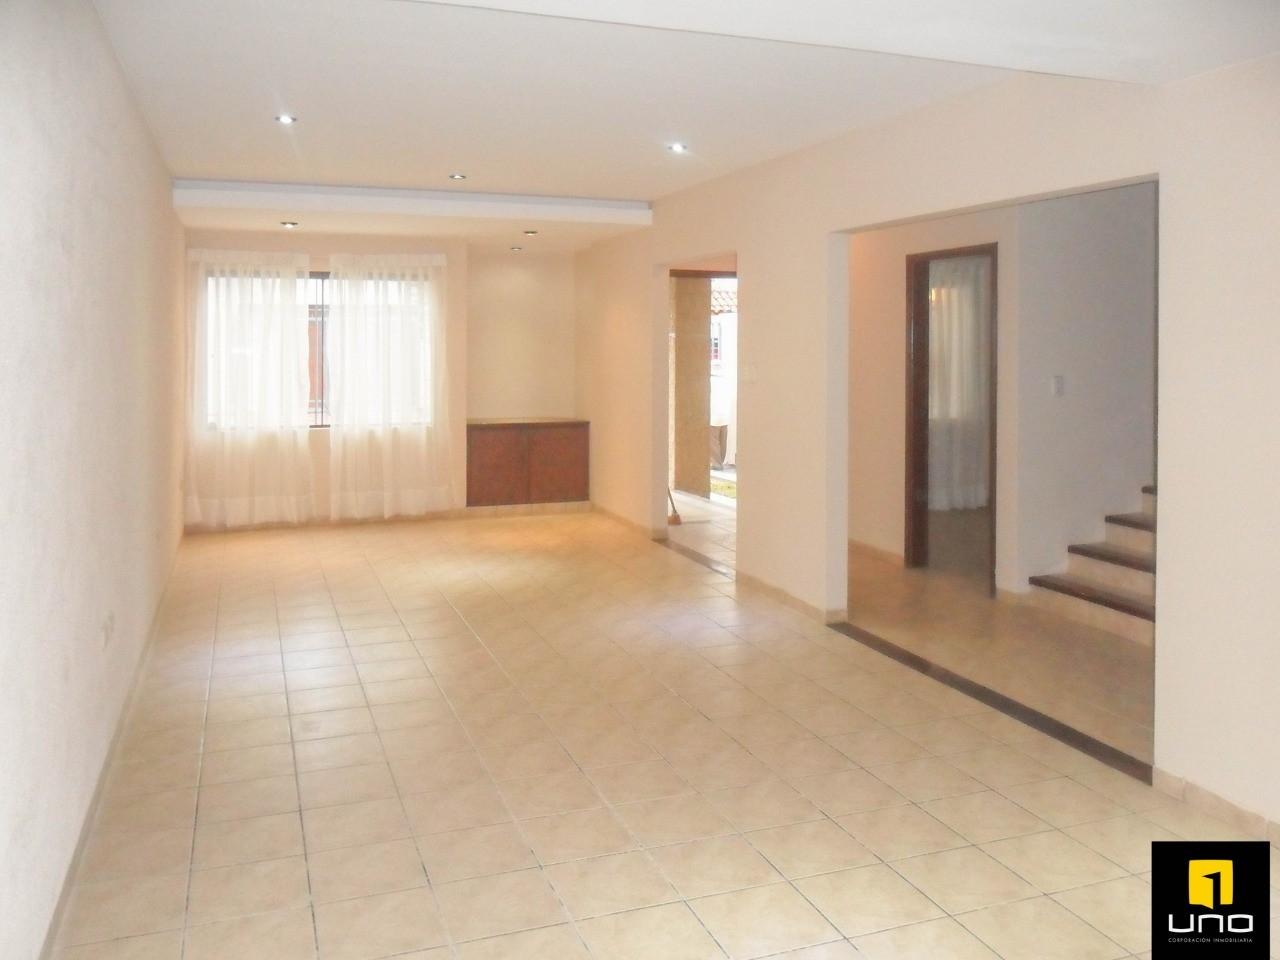 Casa en Alquiler ZONA OESTE, BARRIO LAS PALMAS Foto 11